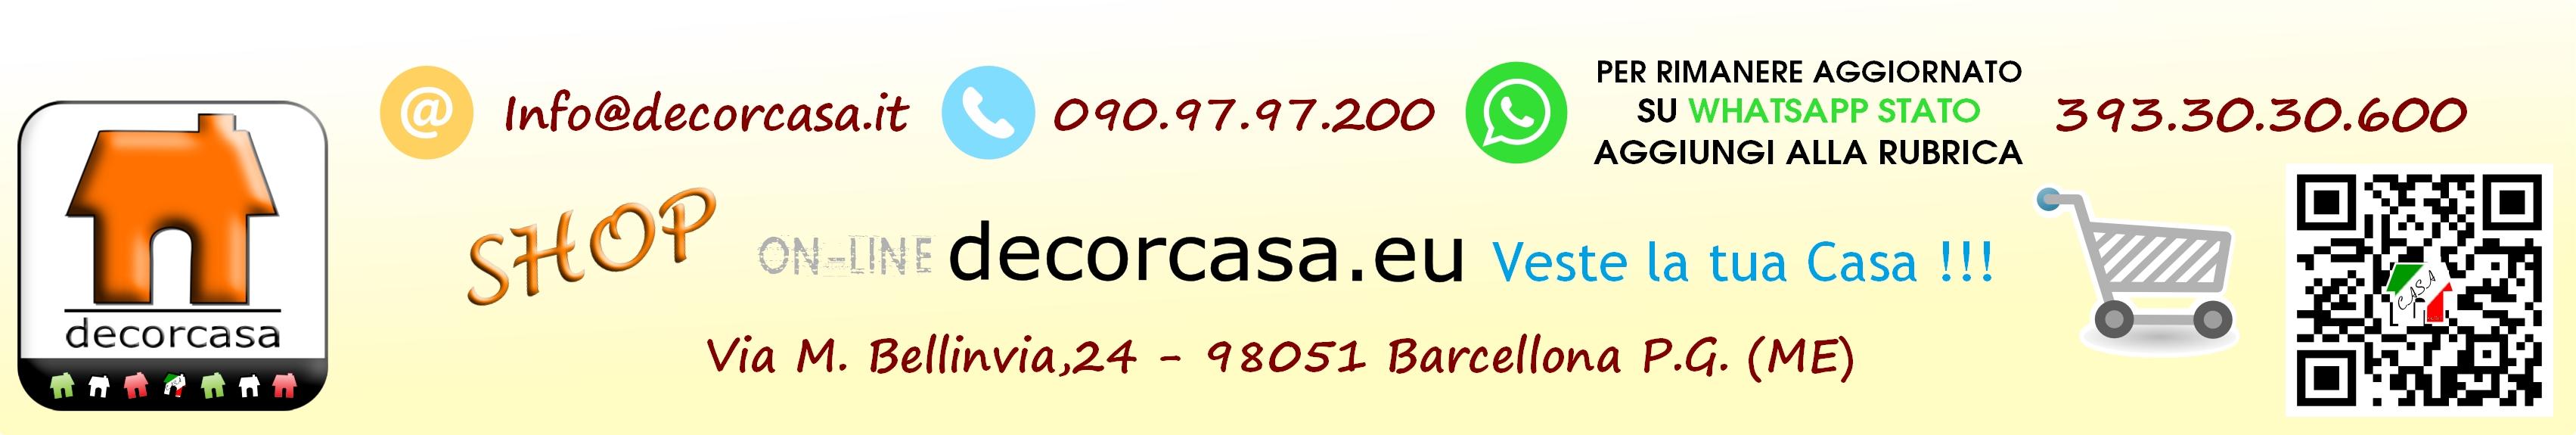 Shop Online decorcasa.eu